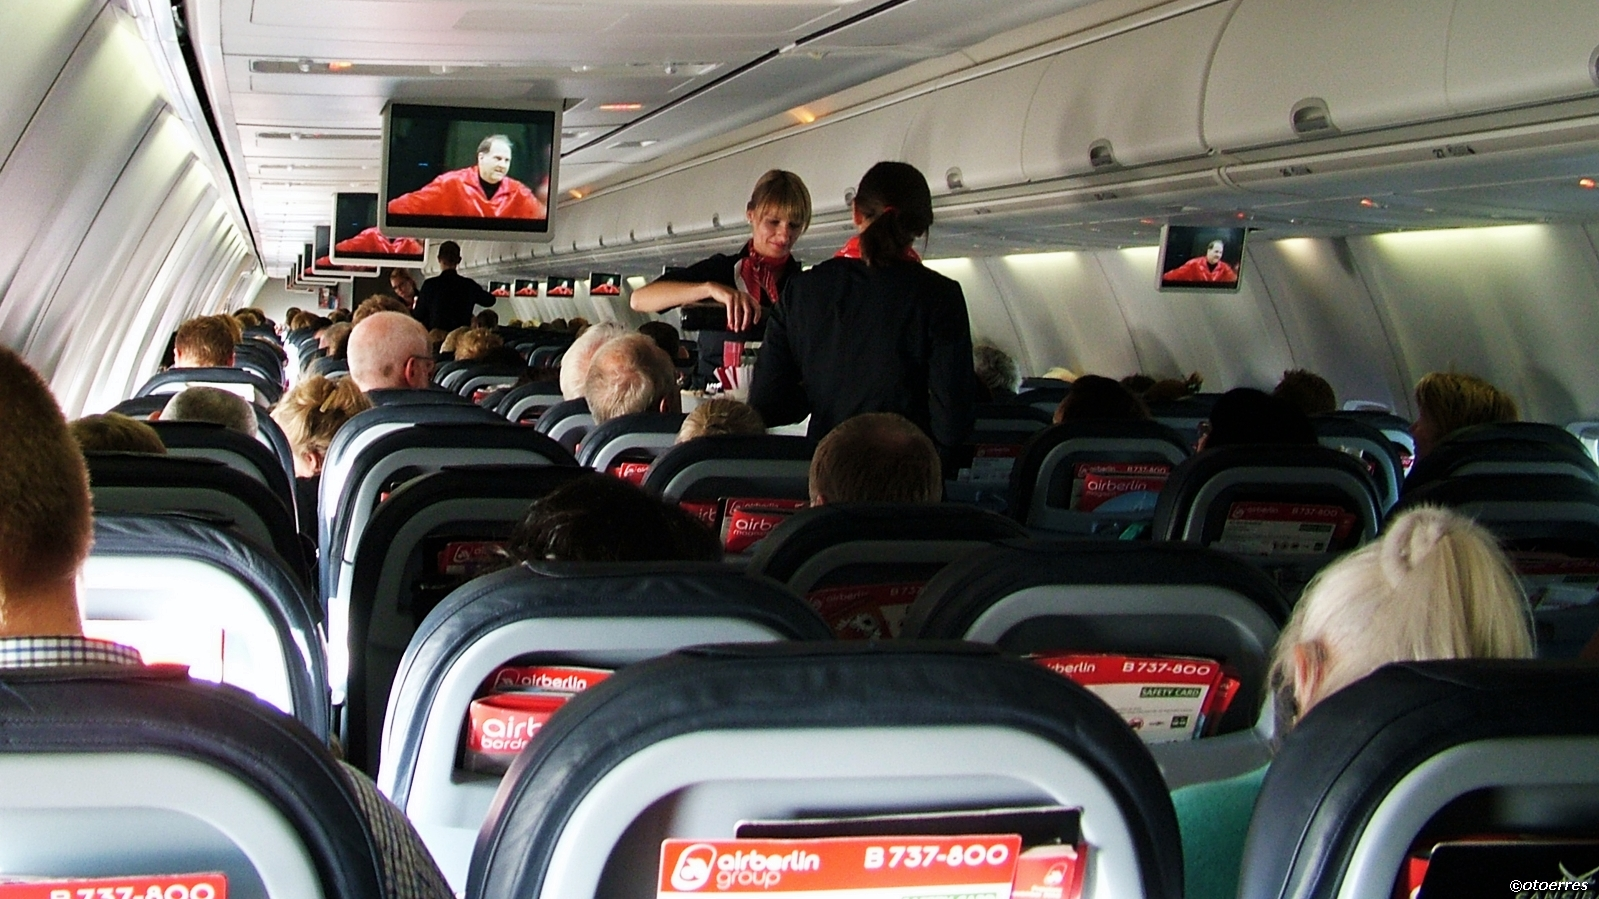 airberlin - kabin - servering -boeing 737